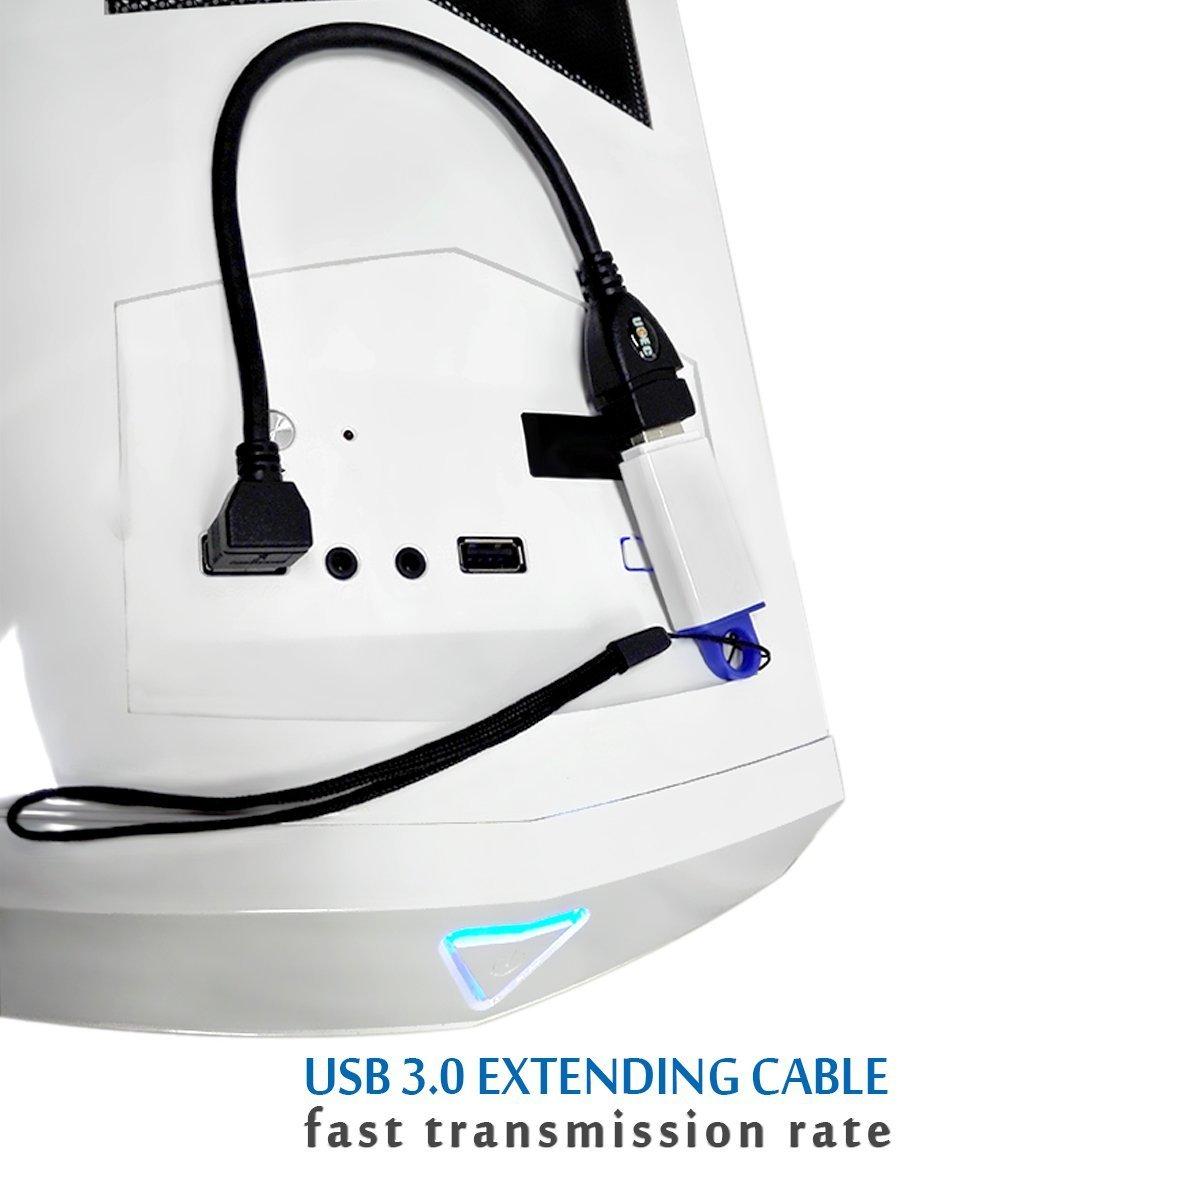 UCEC/® Cable Alargador USB 3.0 Alta Velocidad Macho a hembra Extension Cable de 90 Grados /Ángulo Adaptador Conector Pack of 2 Color Negro /Ángulo Derecho y Izquierdo